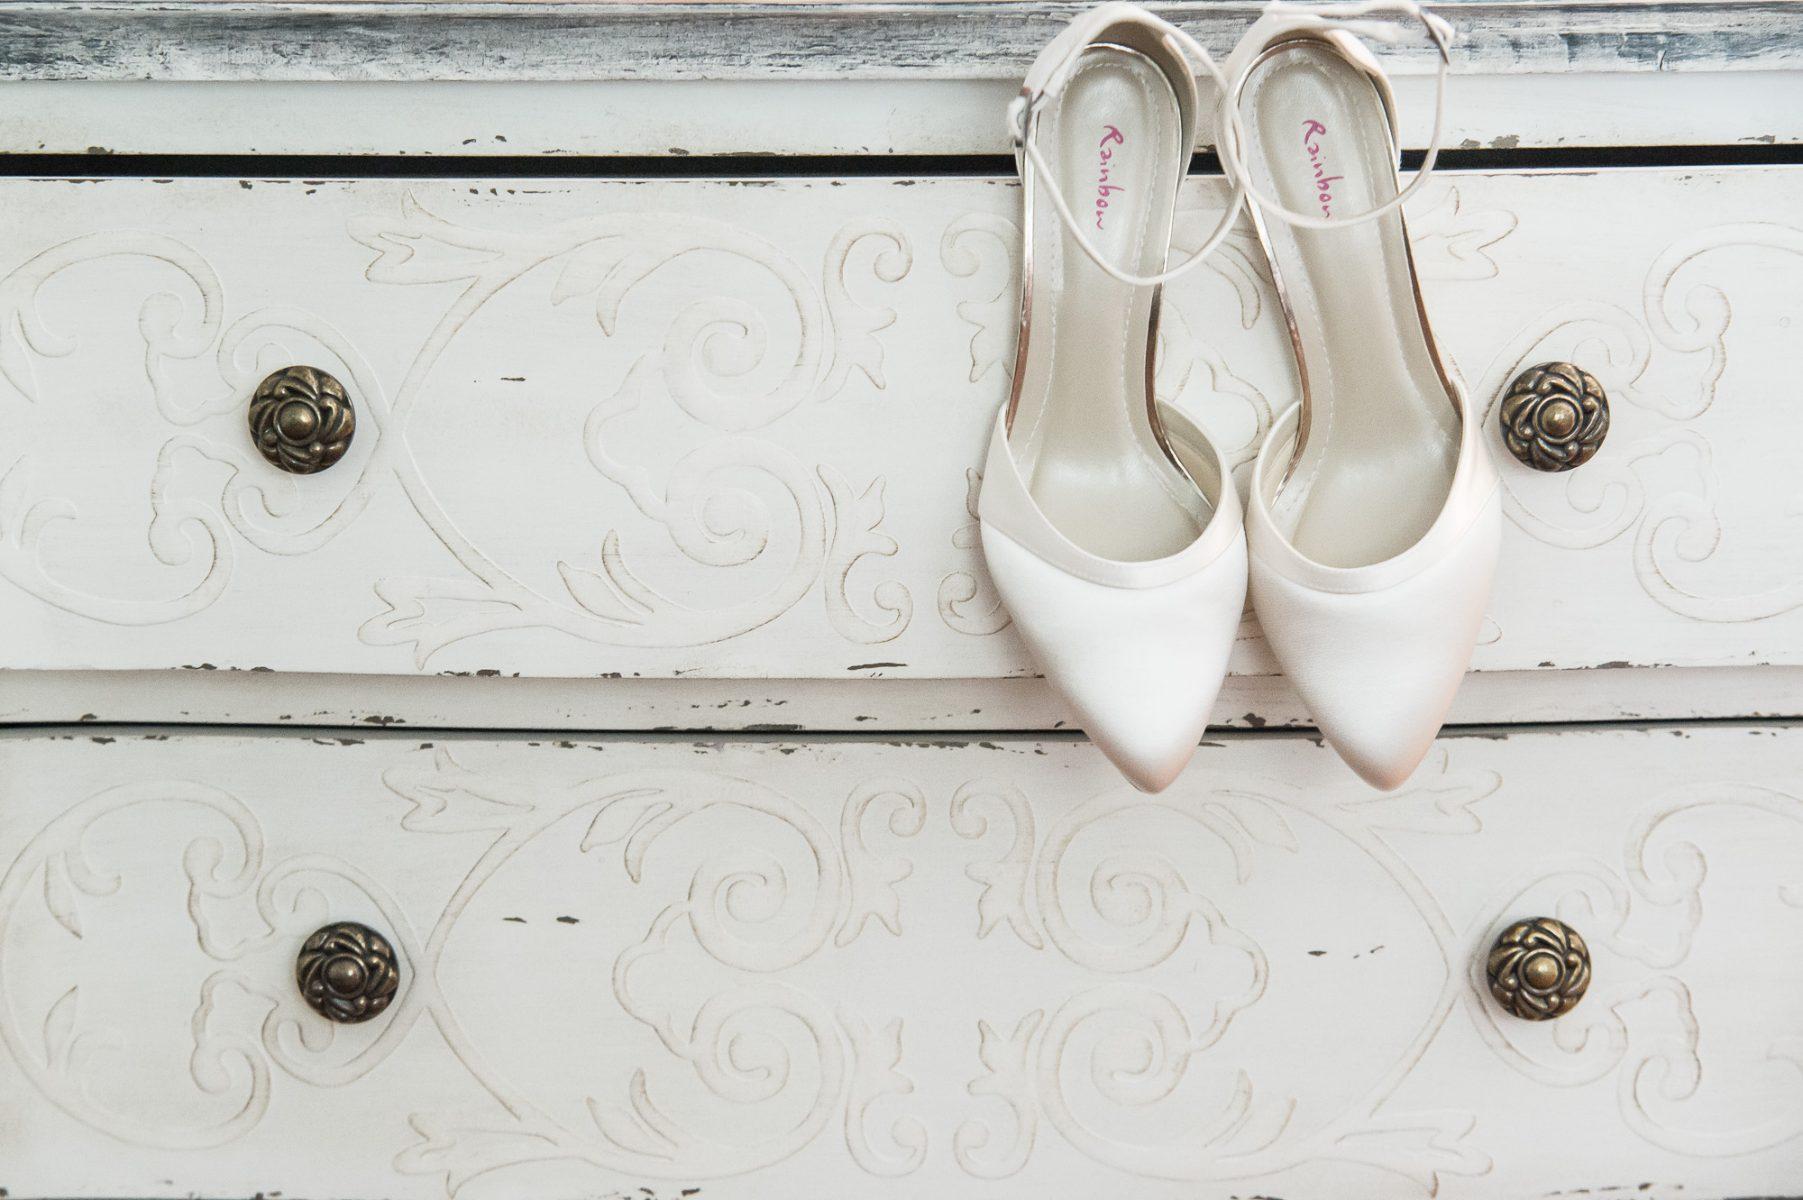 Hochzeit B2000  049 1803x1200 - Hochzeitsfotografie